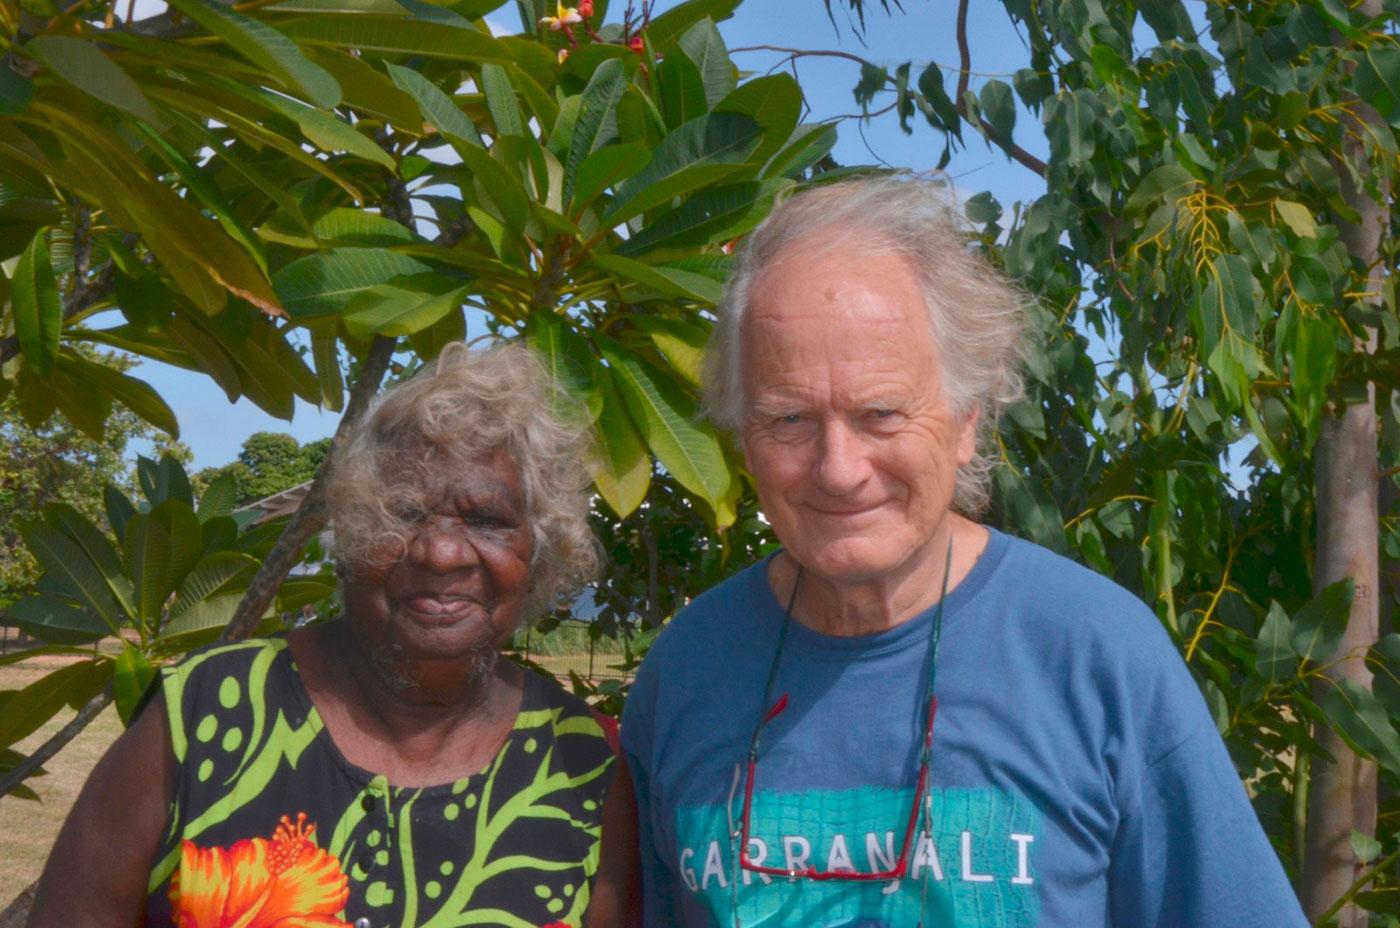 Mulkun Wirrpanda and John Wolseley